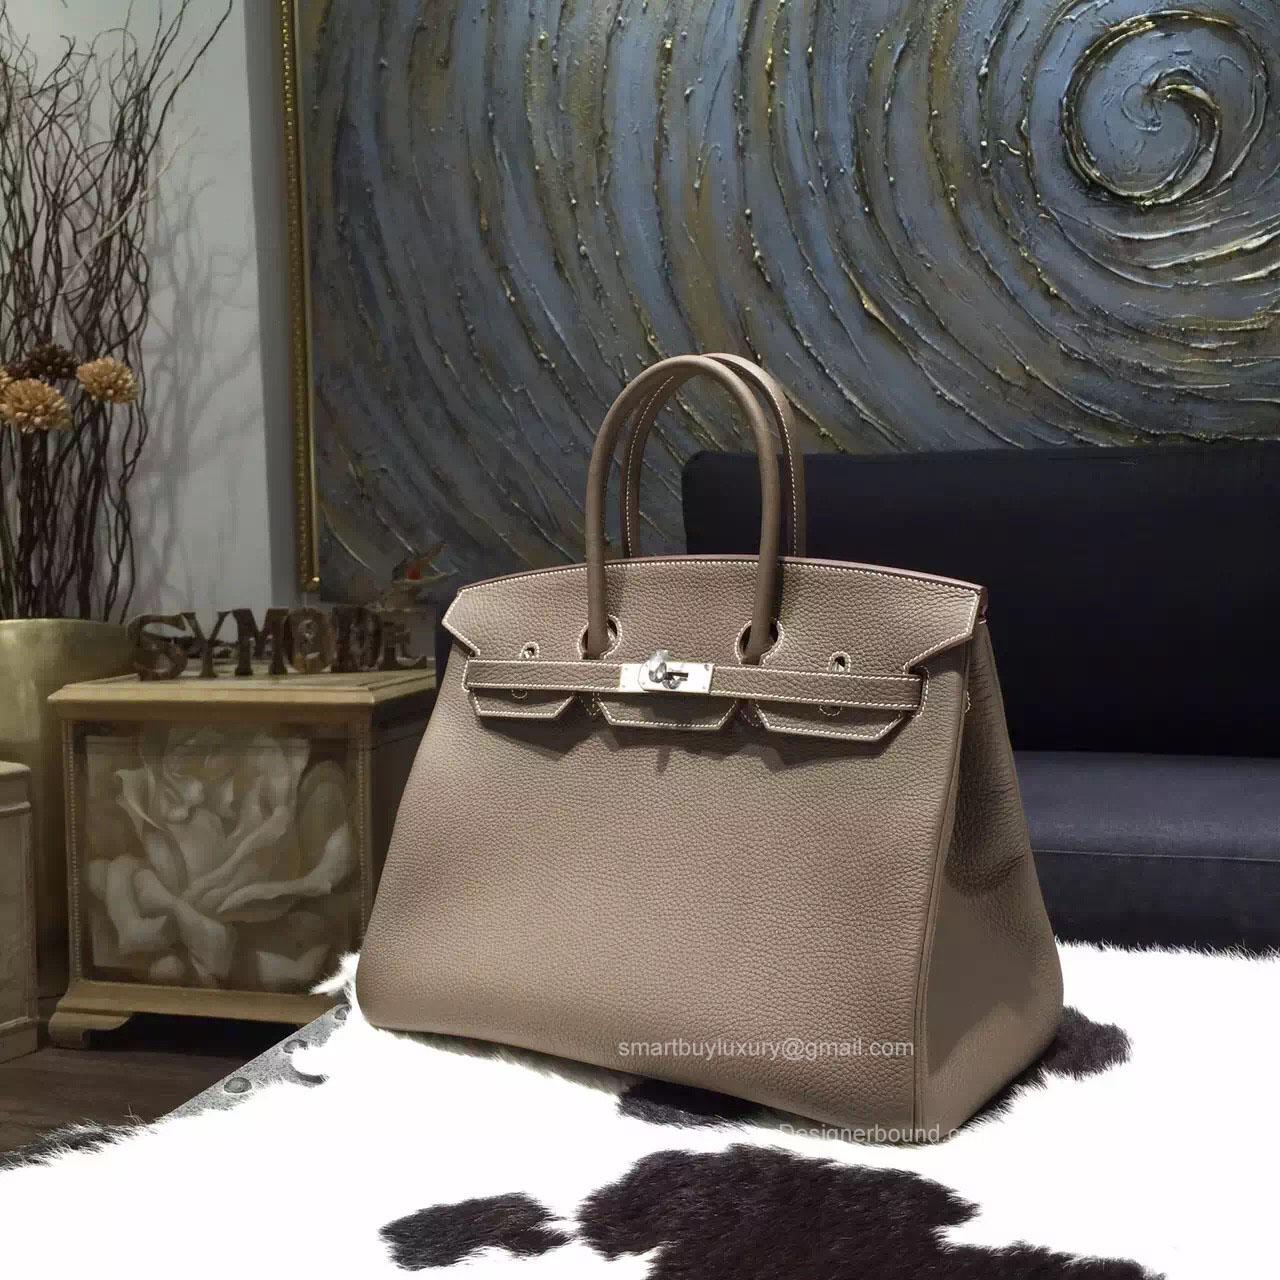 50a53876d9fb SKU   583087. Hermes Birkin 35 cm Togo Bag Etoupe CK18 Handstitched ...